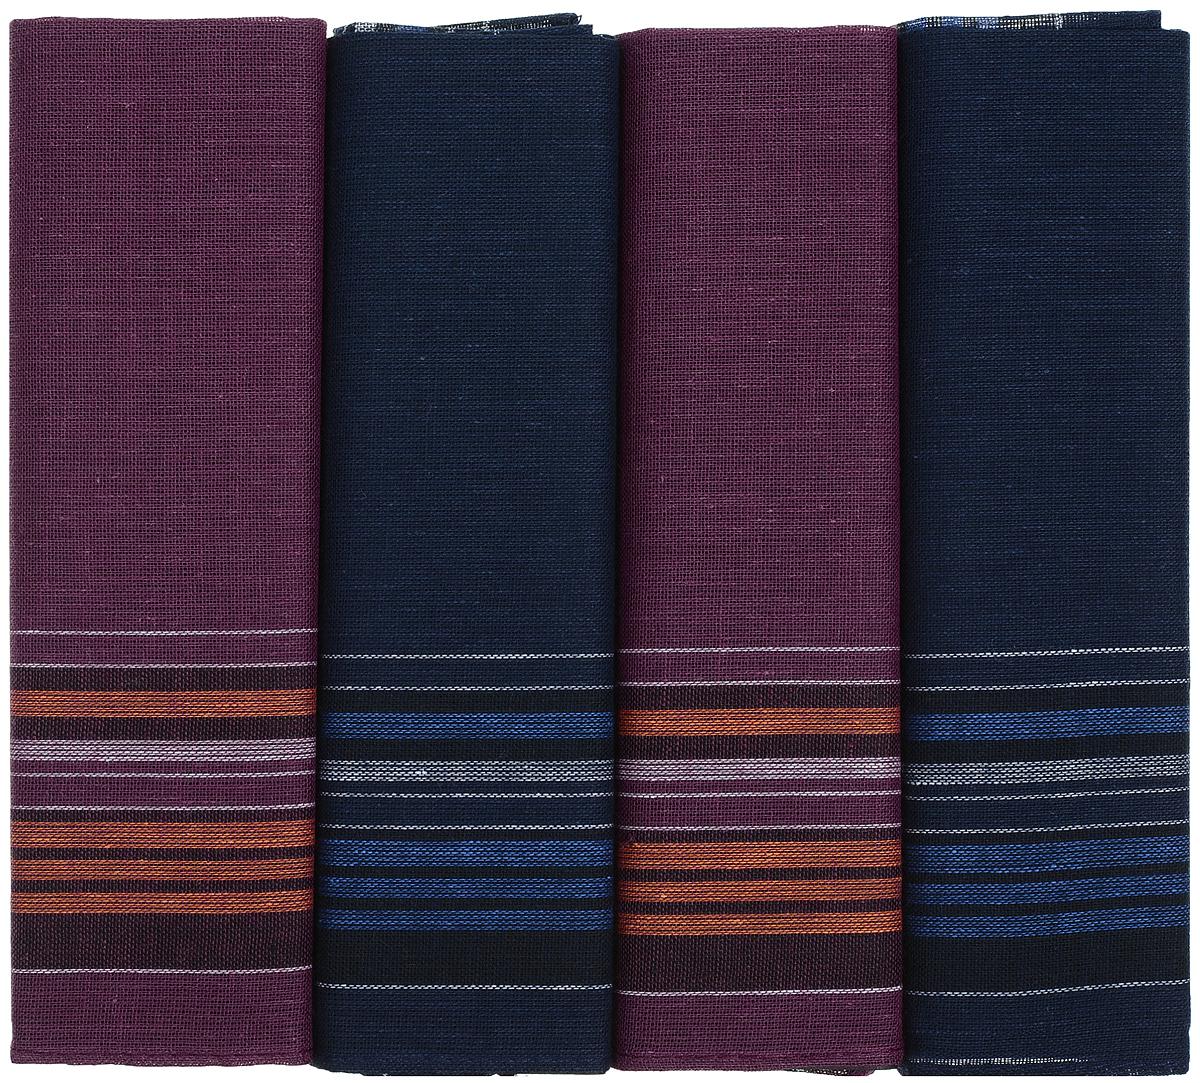 Платок носовой мужской Zlata Korunka, цвет: синий, бордовый. 71419-1. Размер 34 х 34 см, 4 штСерьги с подвескамиПлаток носовой мужской Zlata Korunka, цвет: синий, бордовый. 71419-1. Размер 34 х 34 см, 4 шт